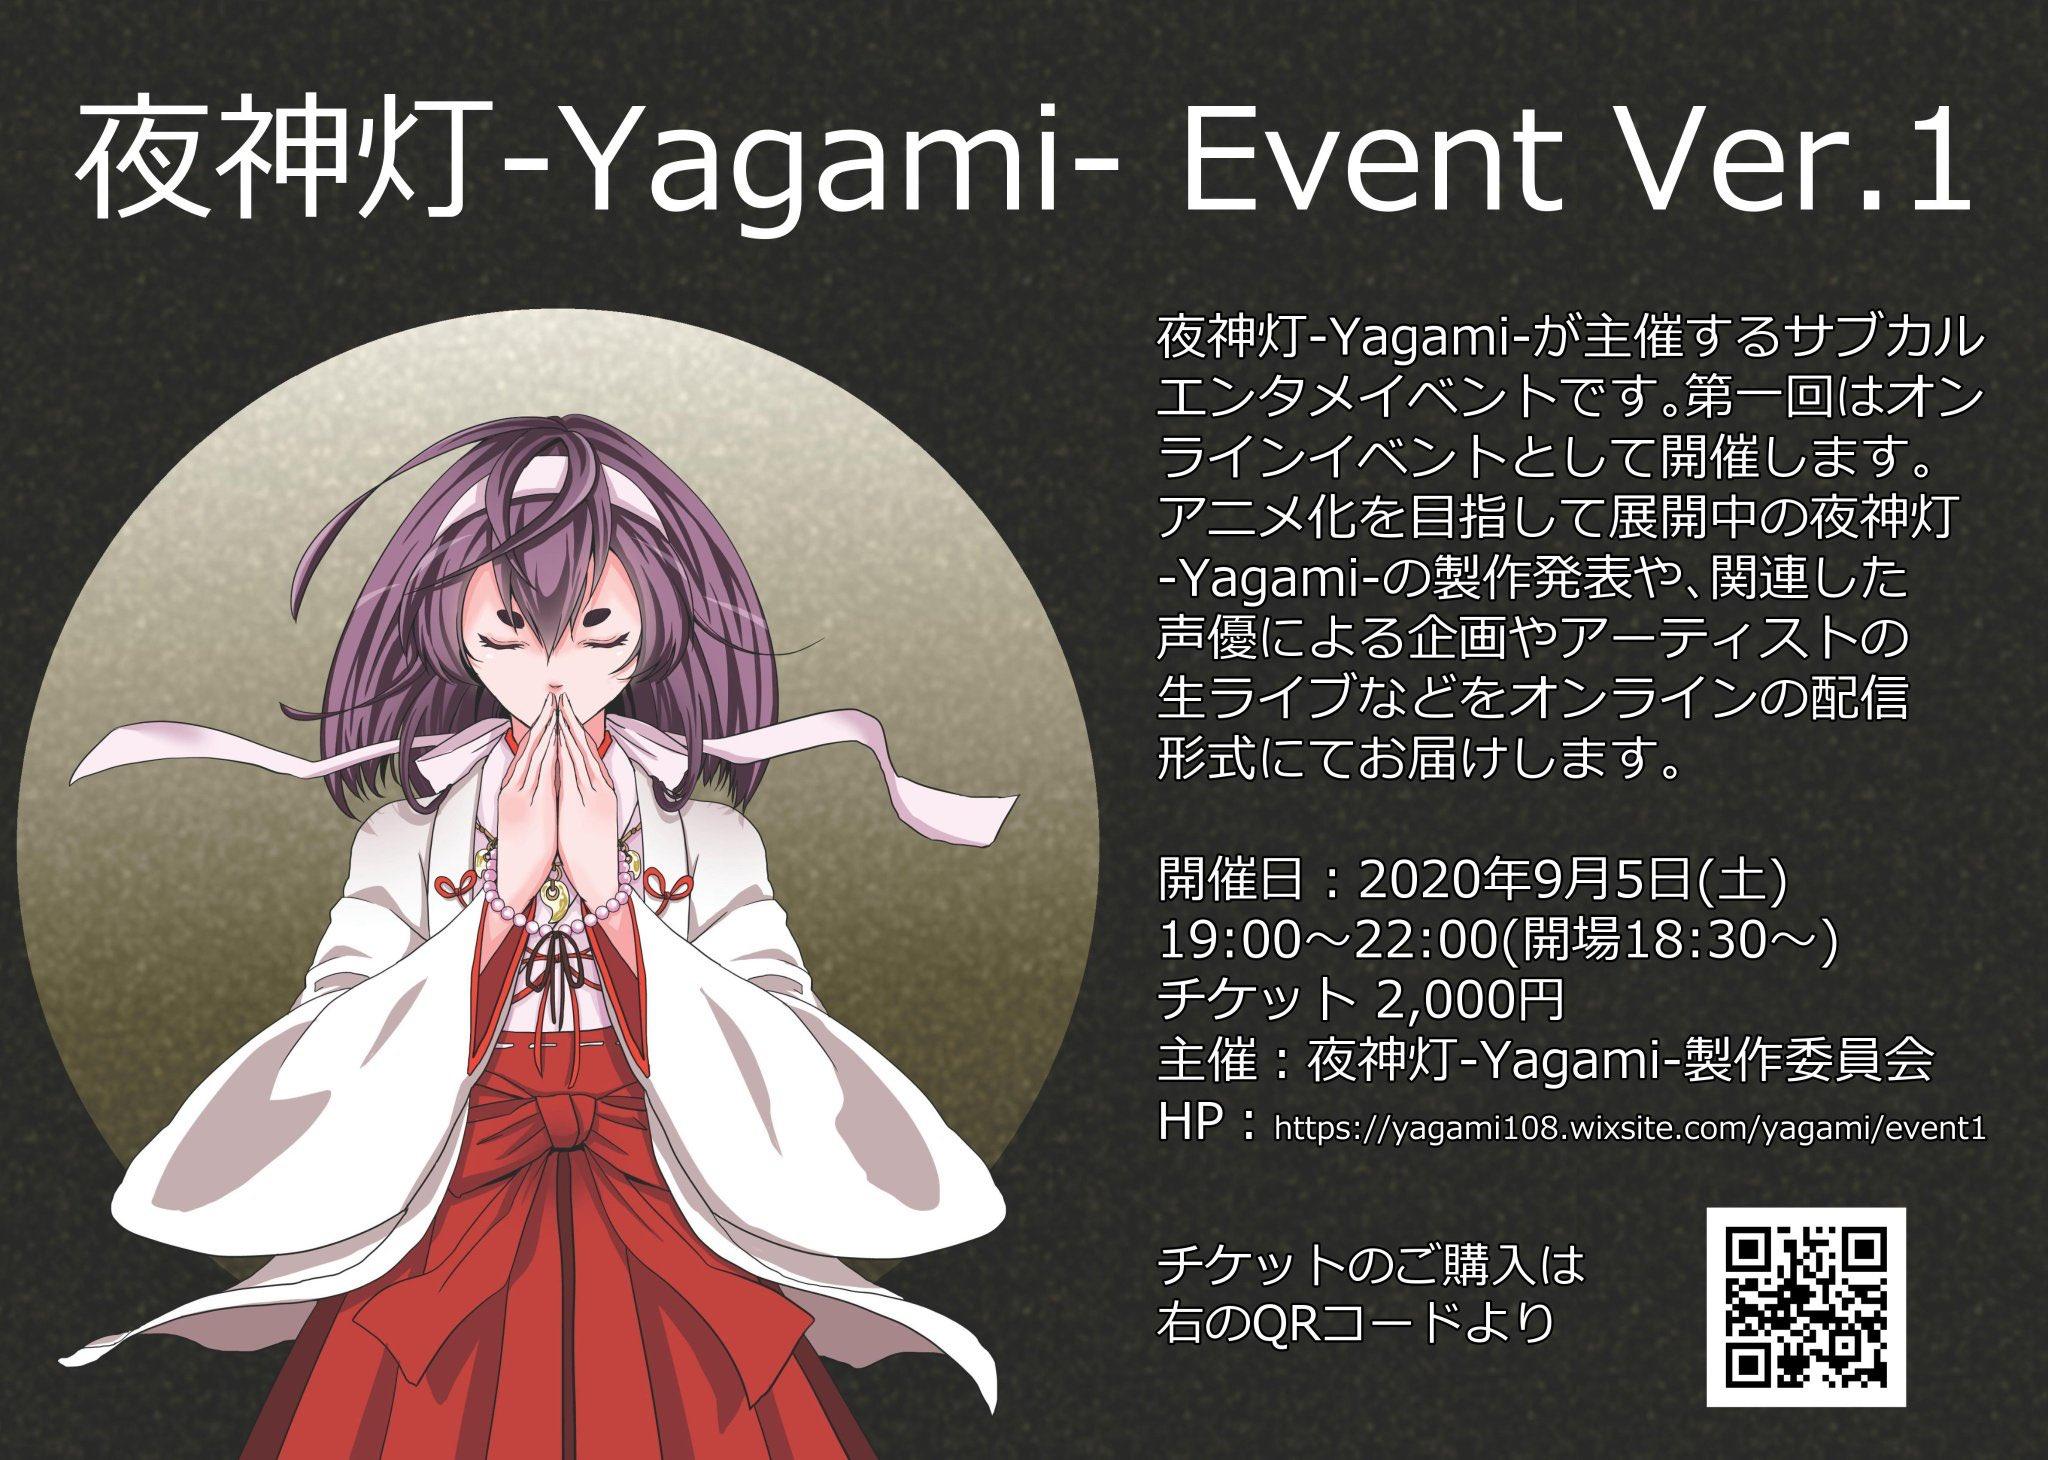 夜神灯-Yagami- Event Ver.1